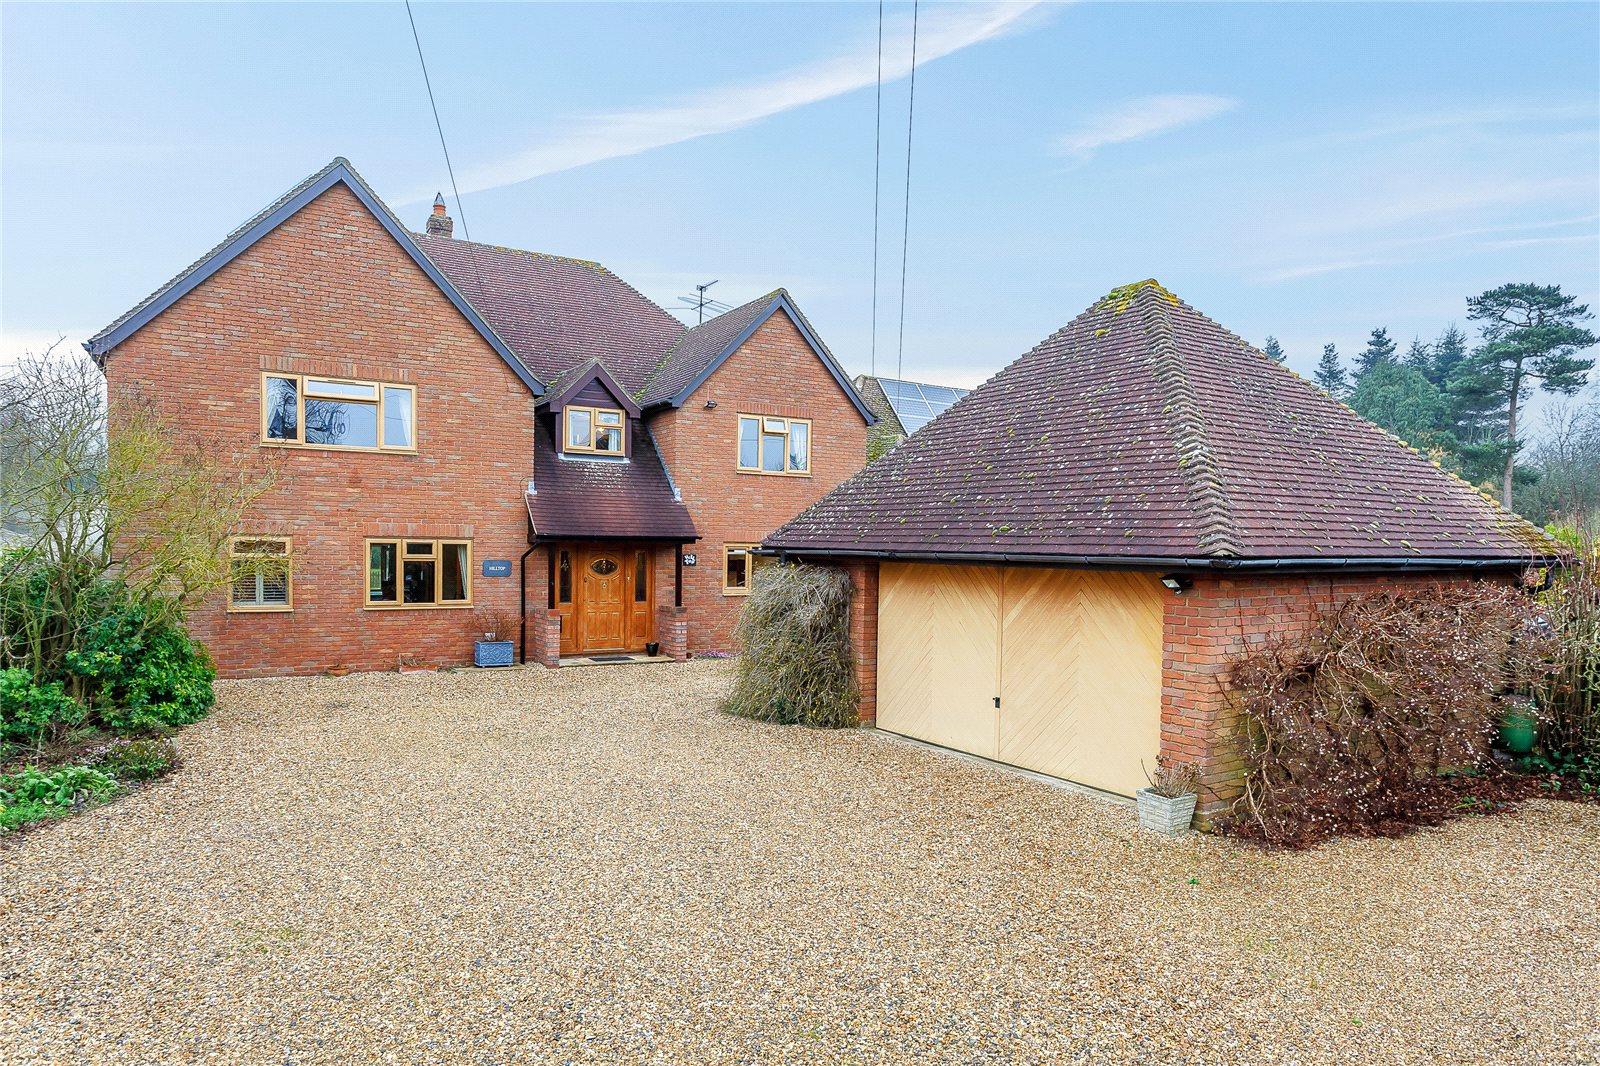 Casa para uma família para Venda às Rabley Heath, Welwyn, Hertfordshire, AL6 Welwyn, Inglaterra